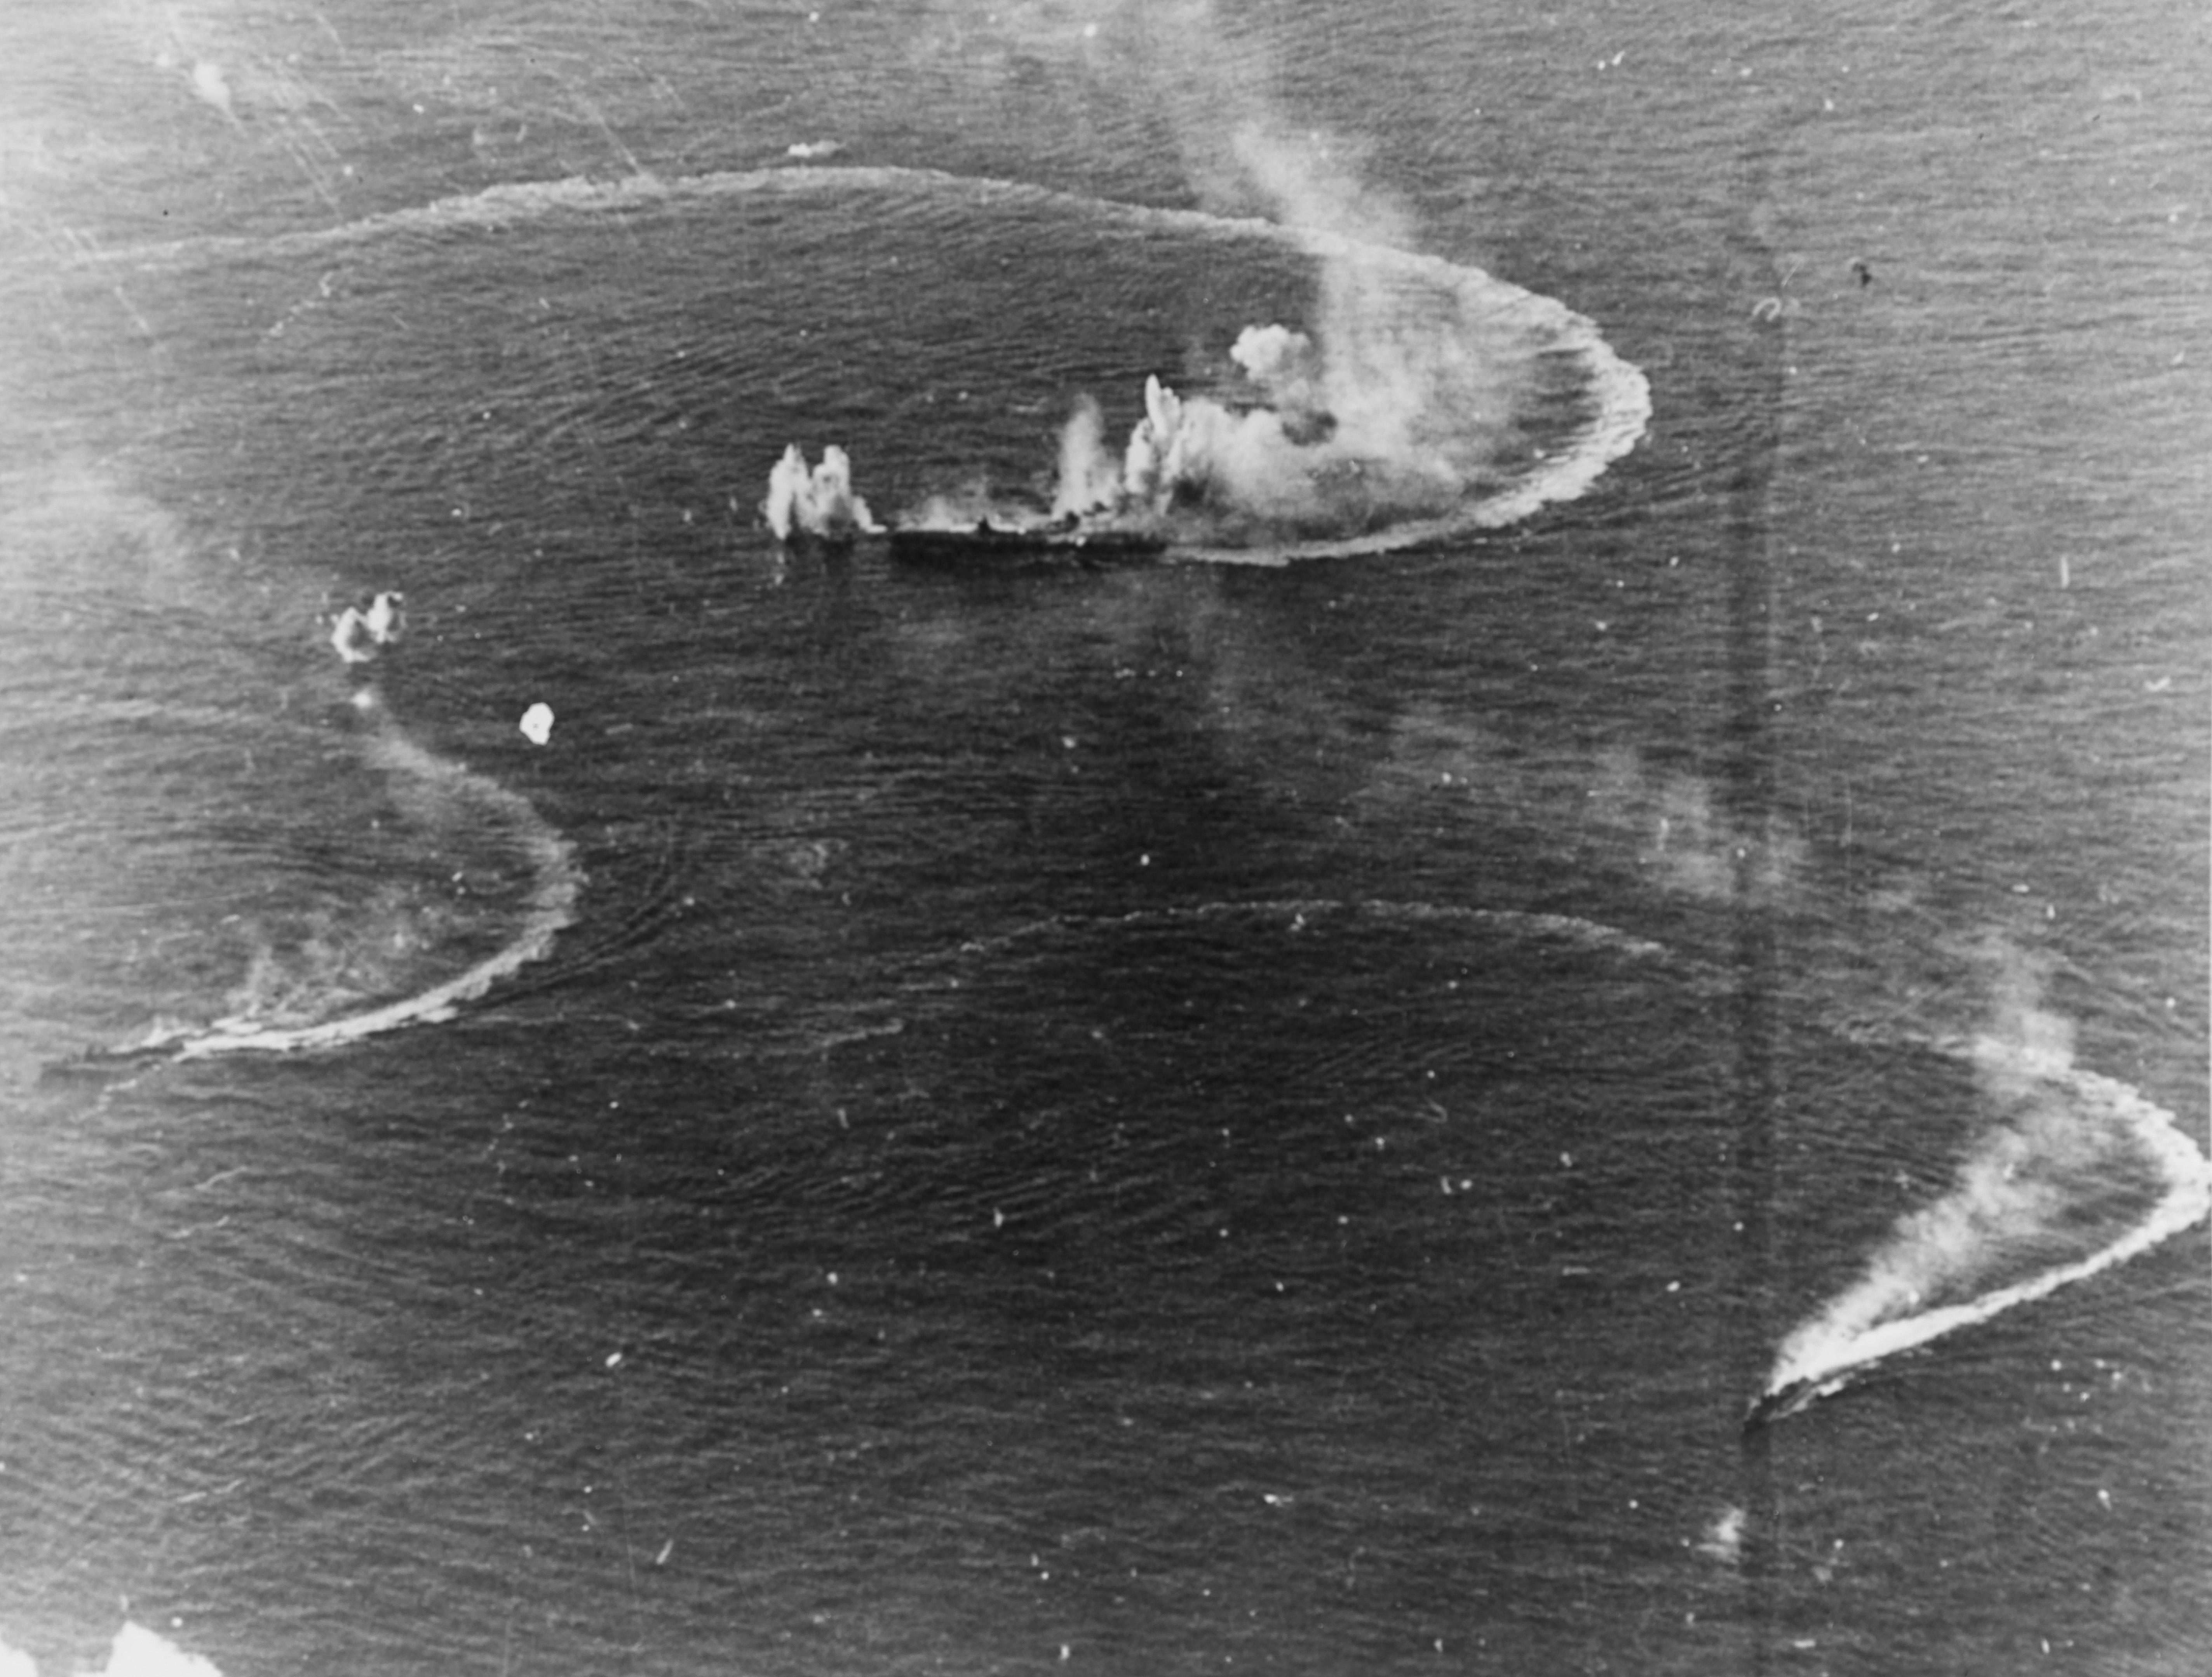 Zuikaku and two destroyers under attack